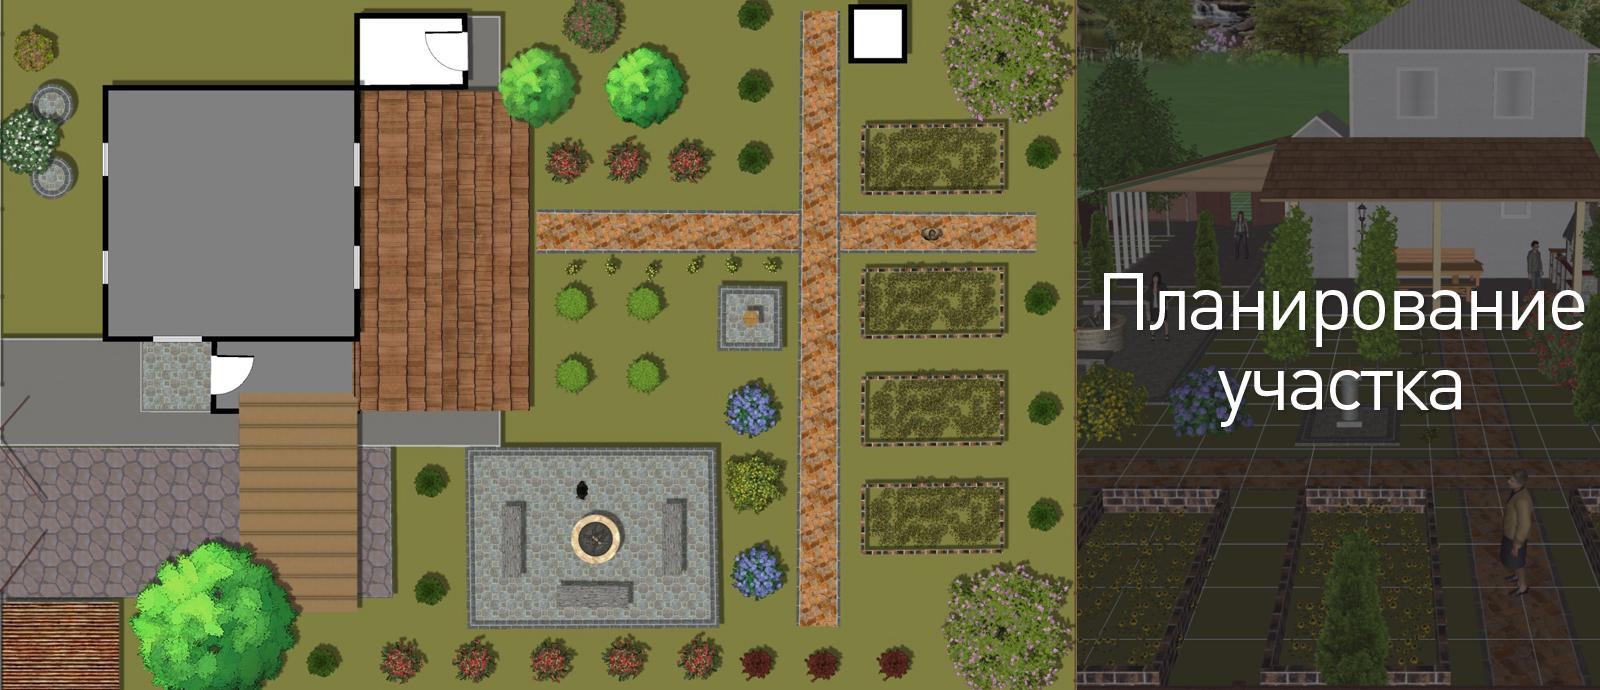 Проектирование участков и ландшафтный дизайн по требованиям Заказчика